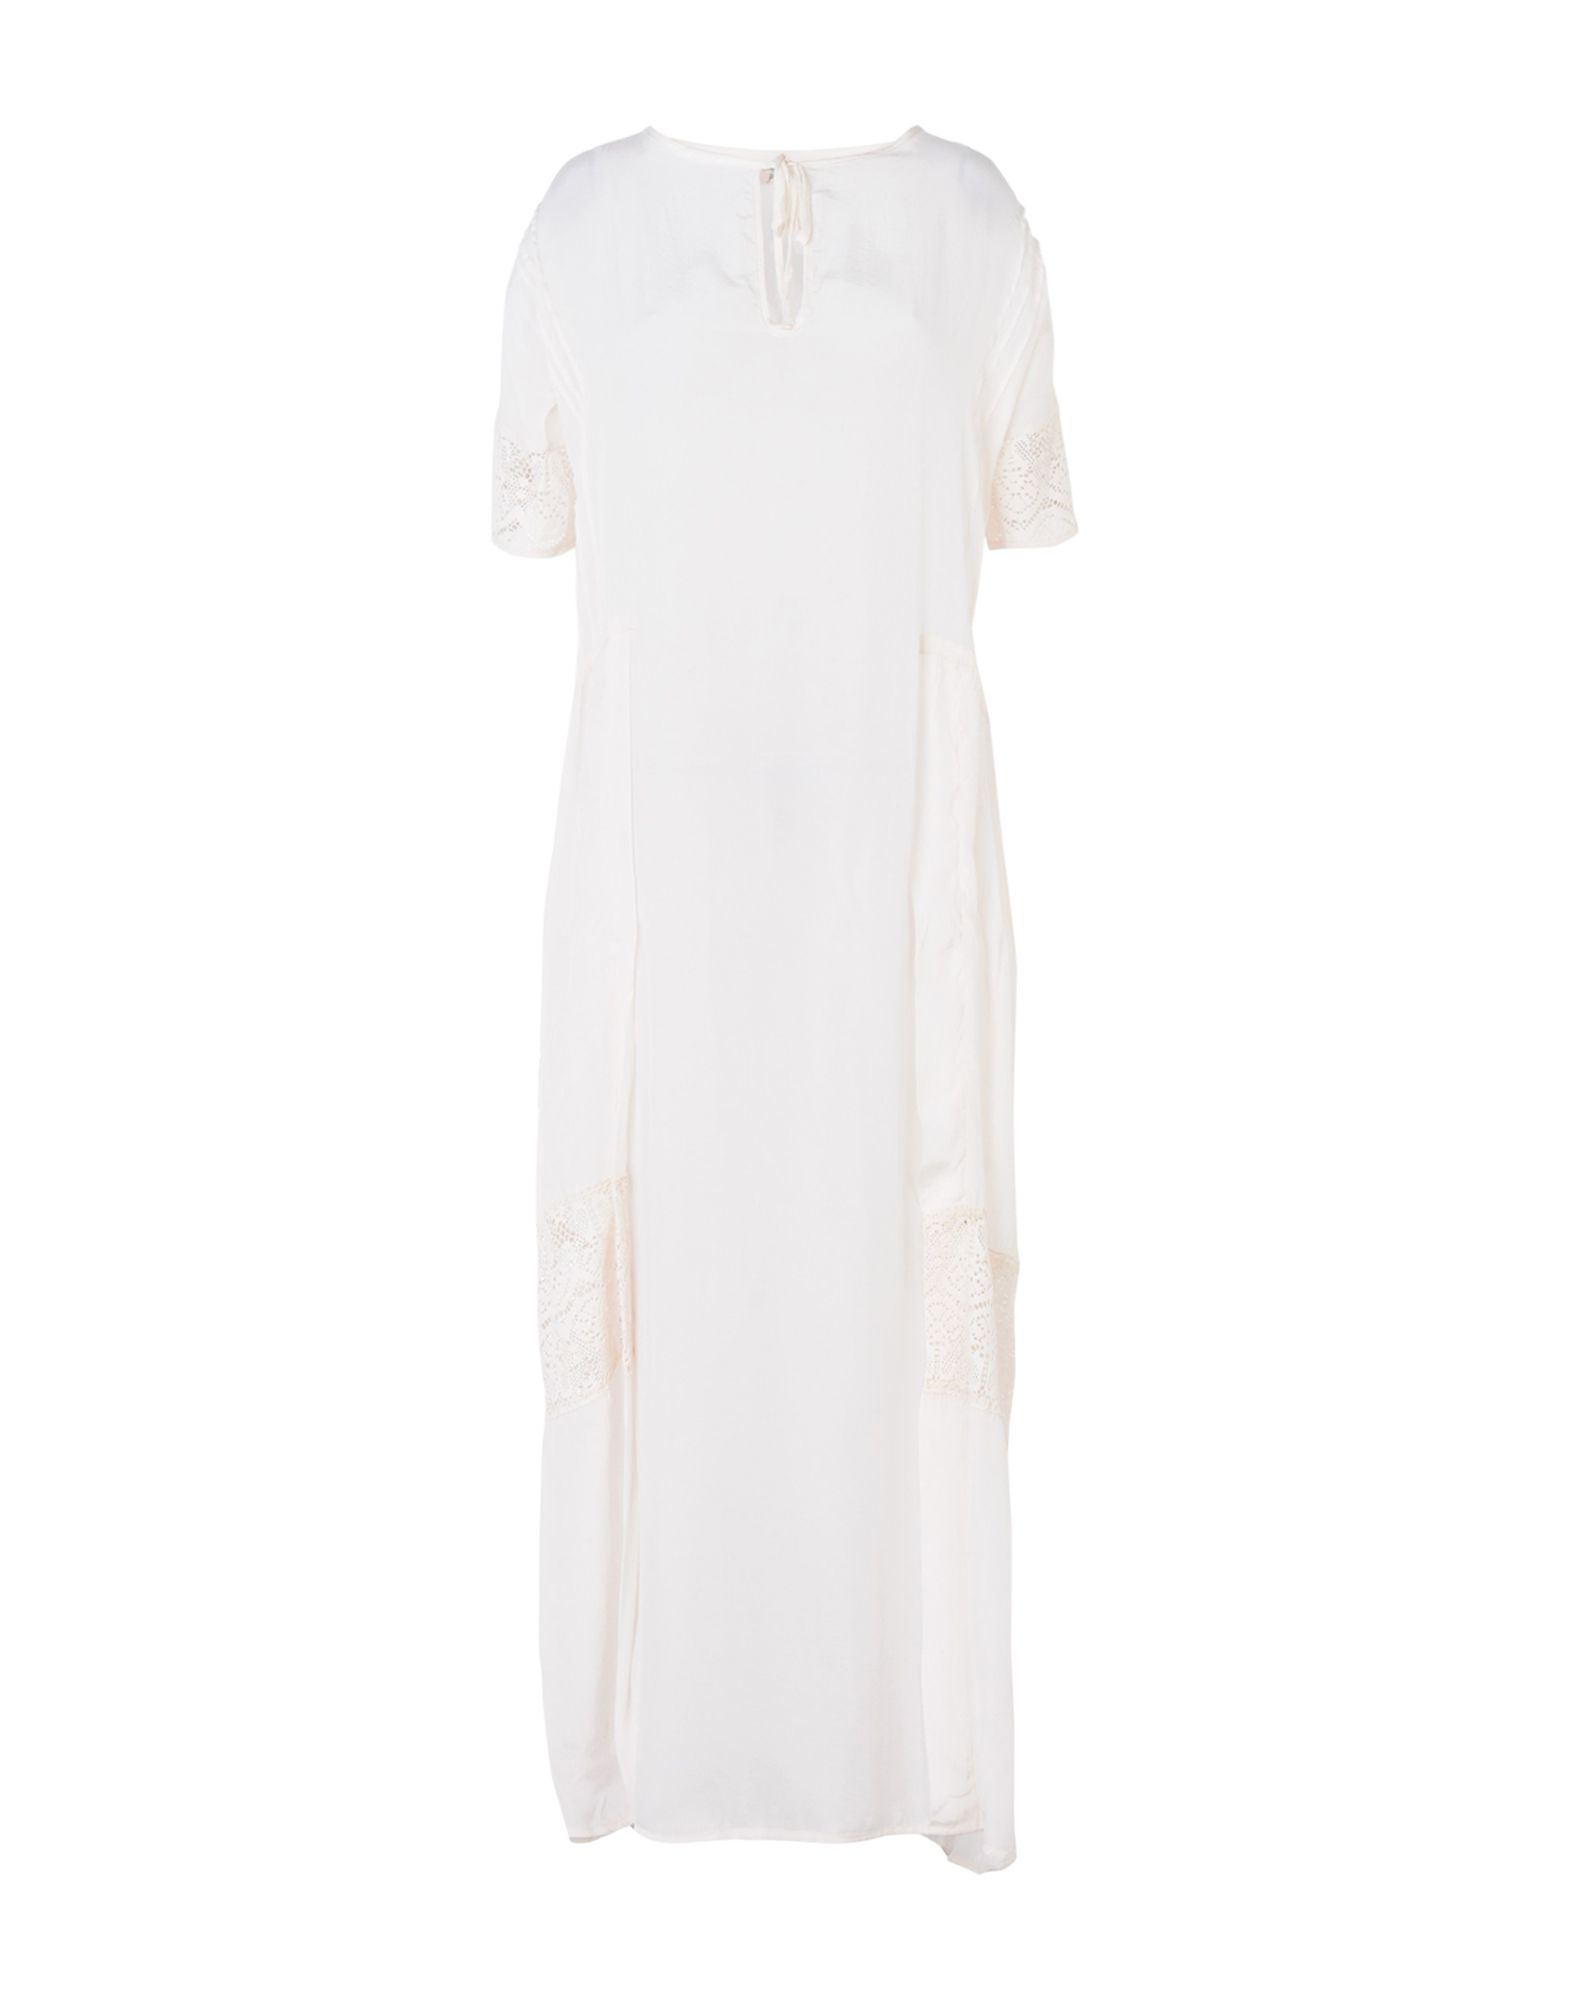 LOCAL APPAREL Длинное платье цены онлайн